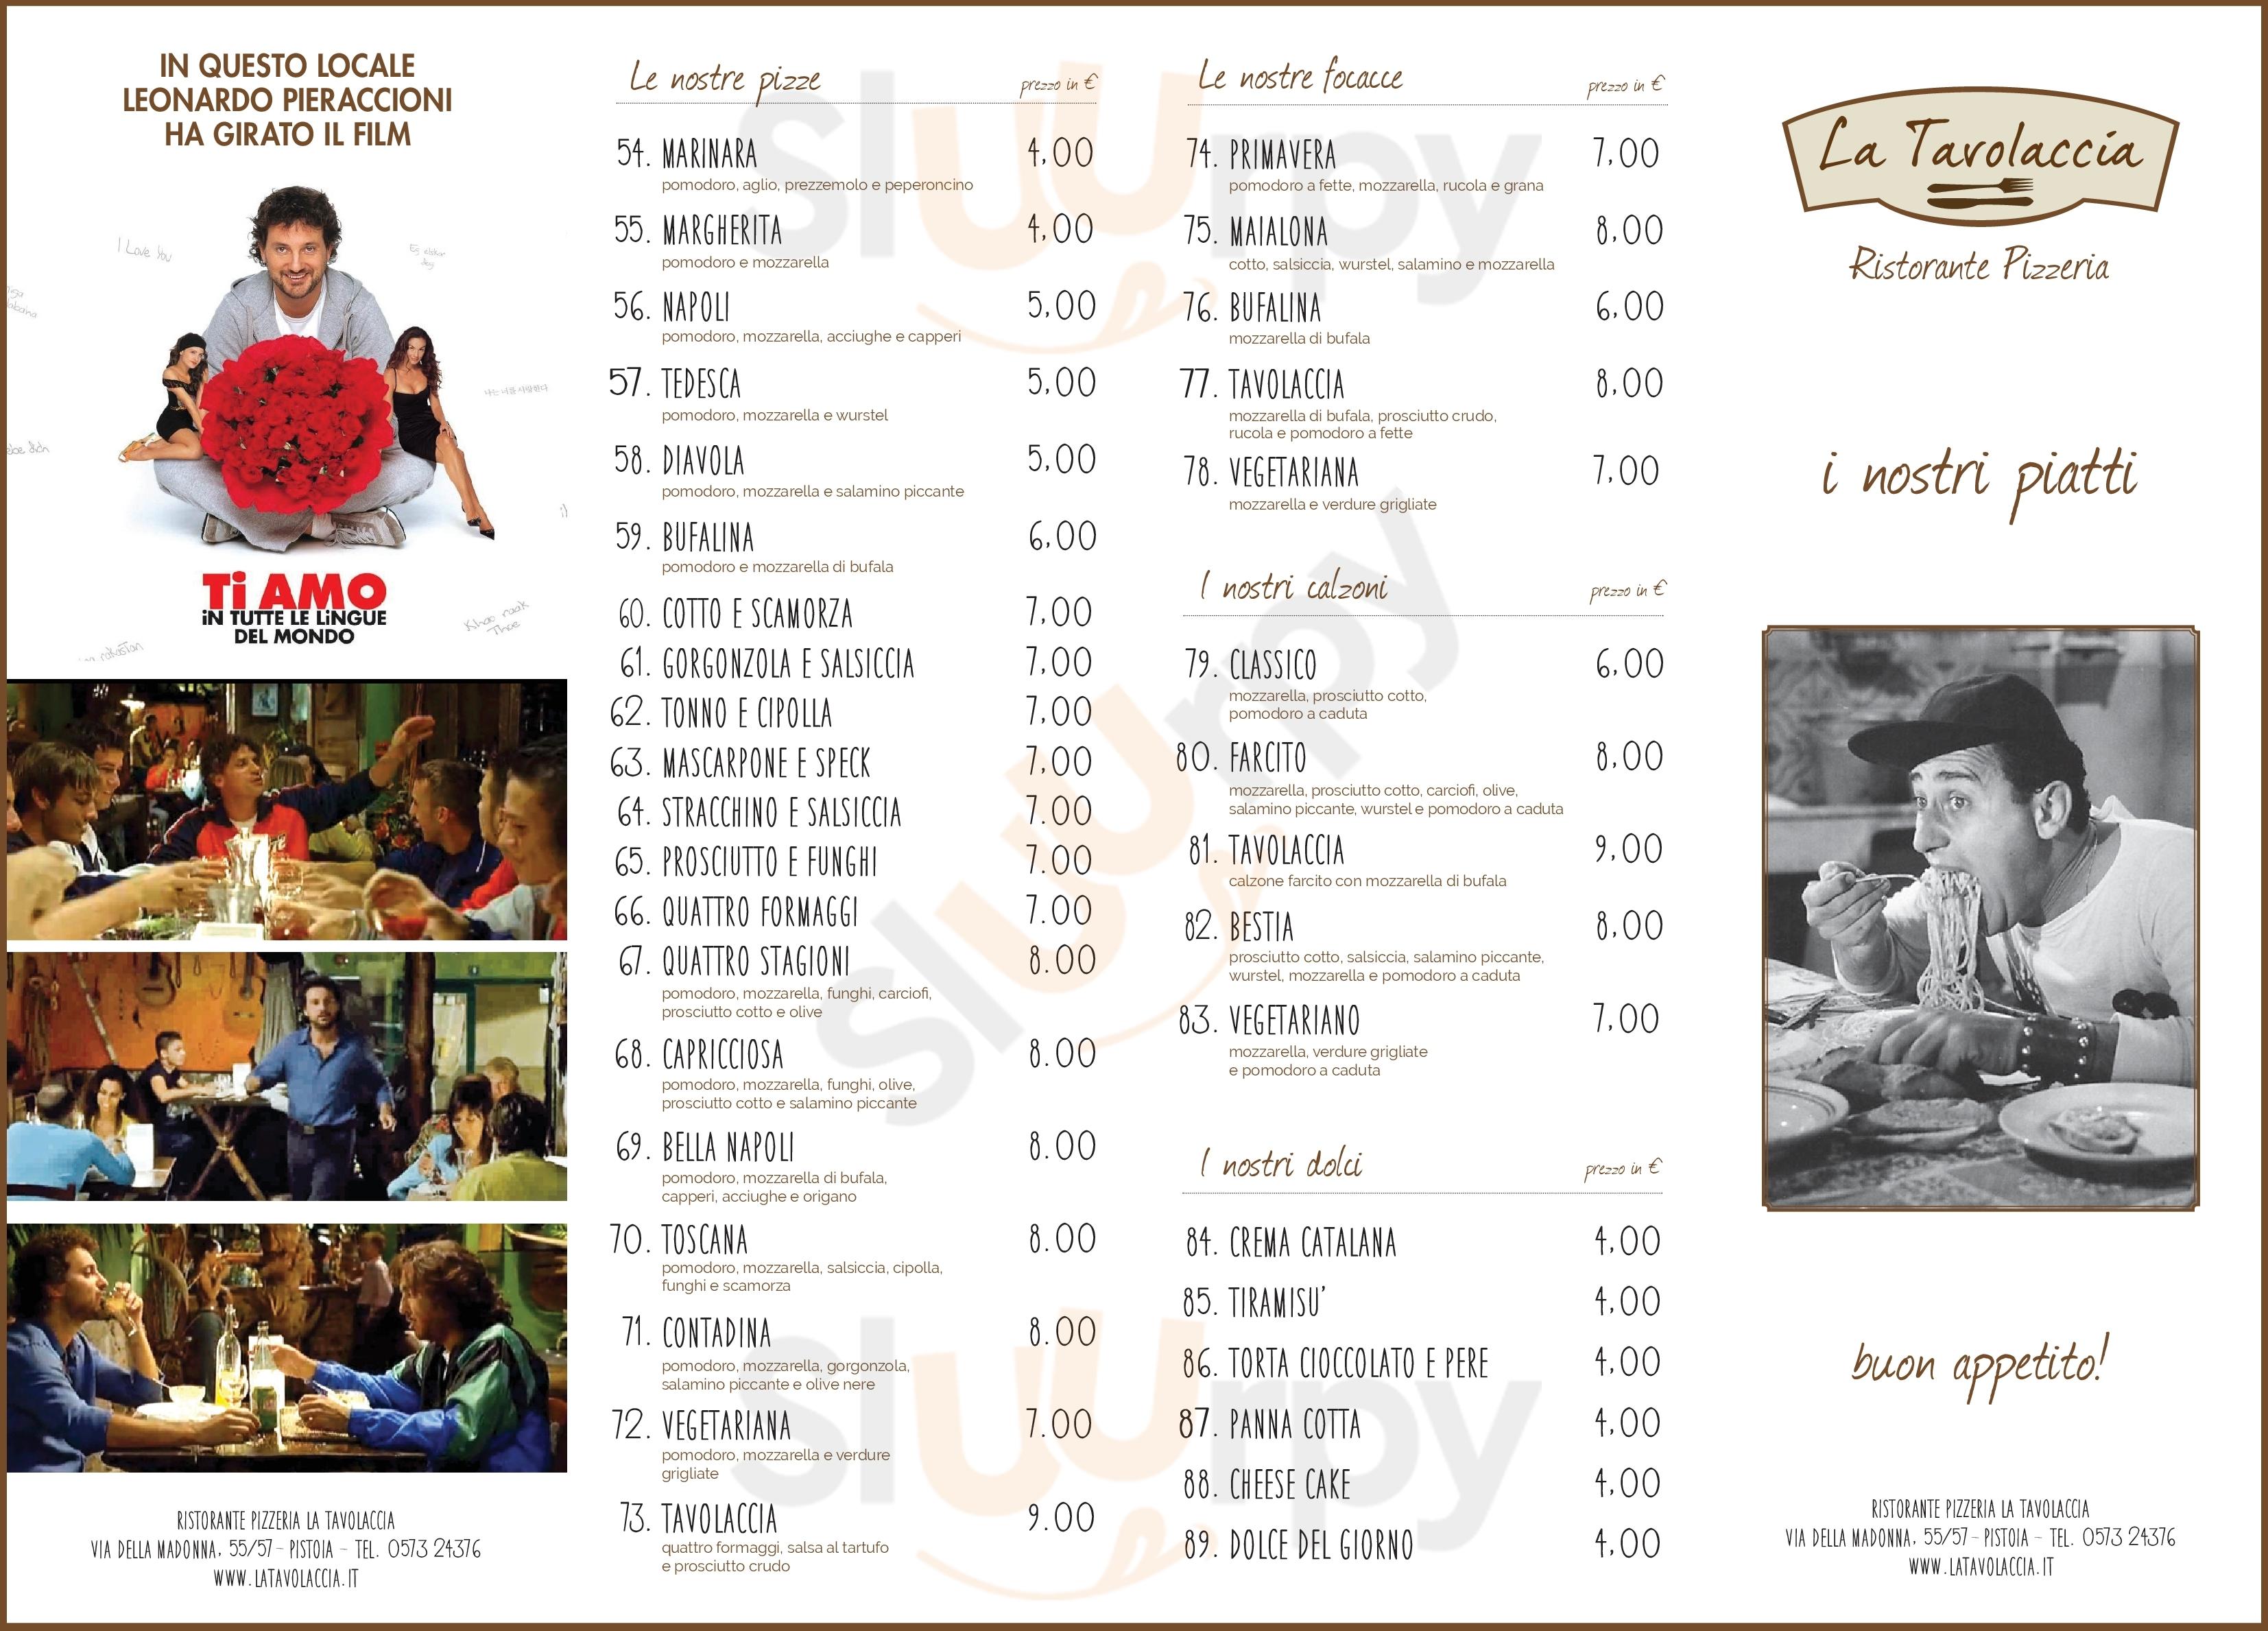 Ristorante Pizzeria La Tavolaccia Pistoia menù 1 pagina